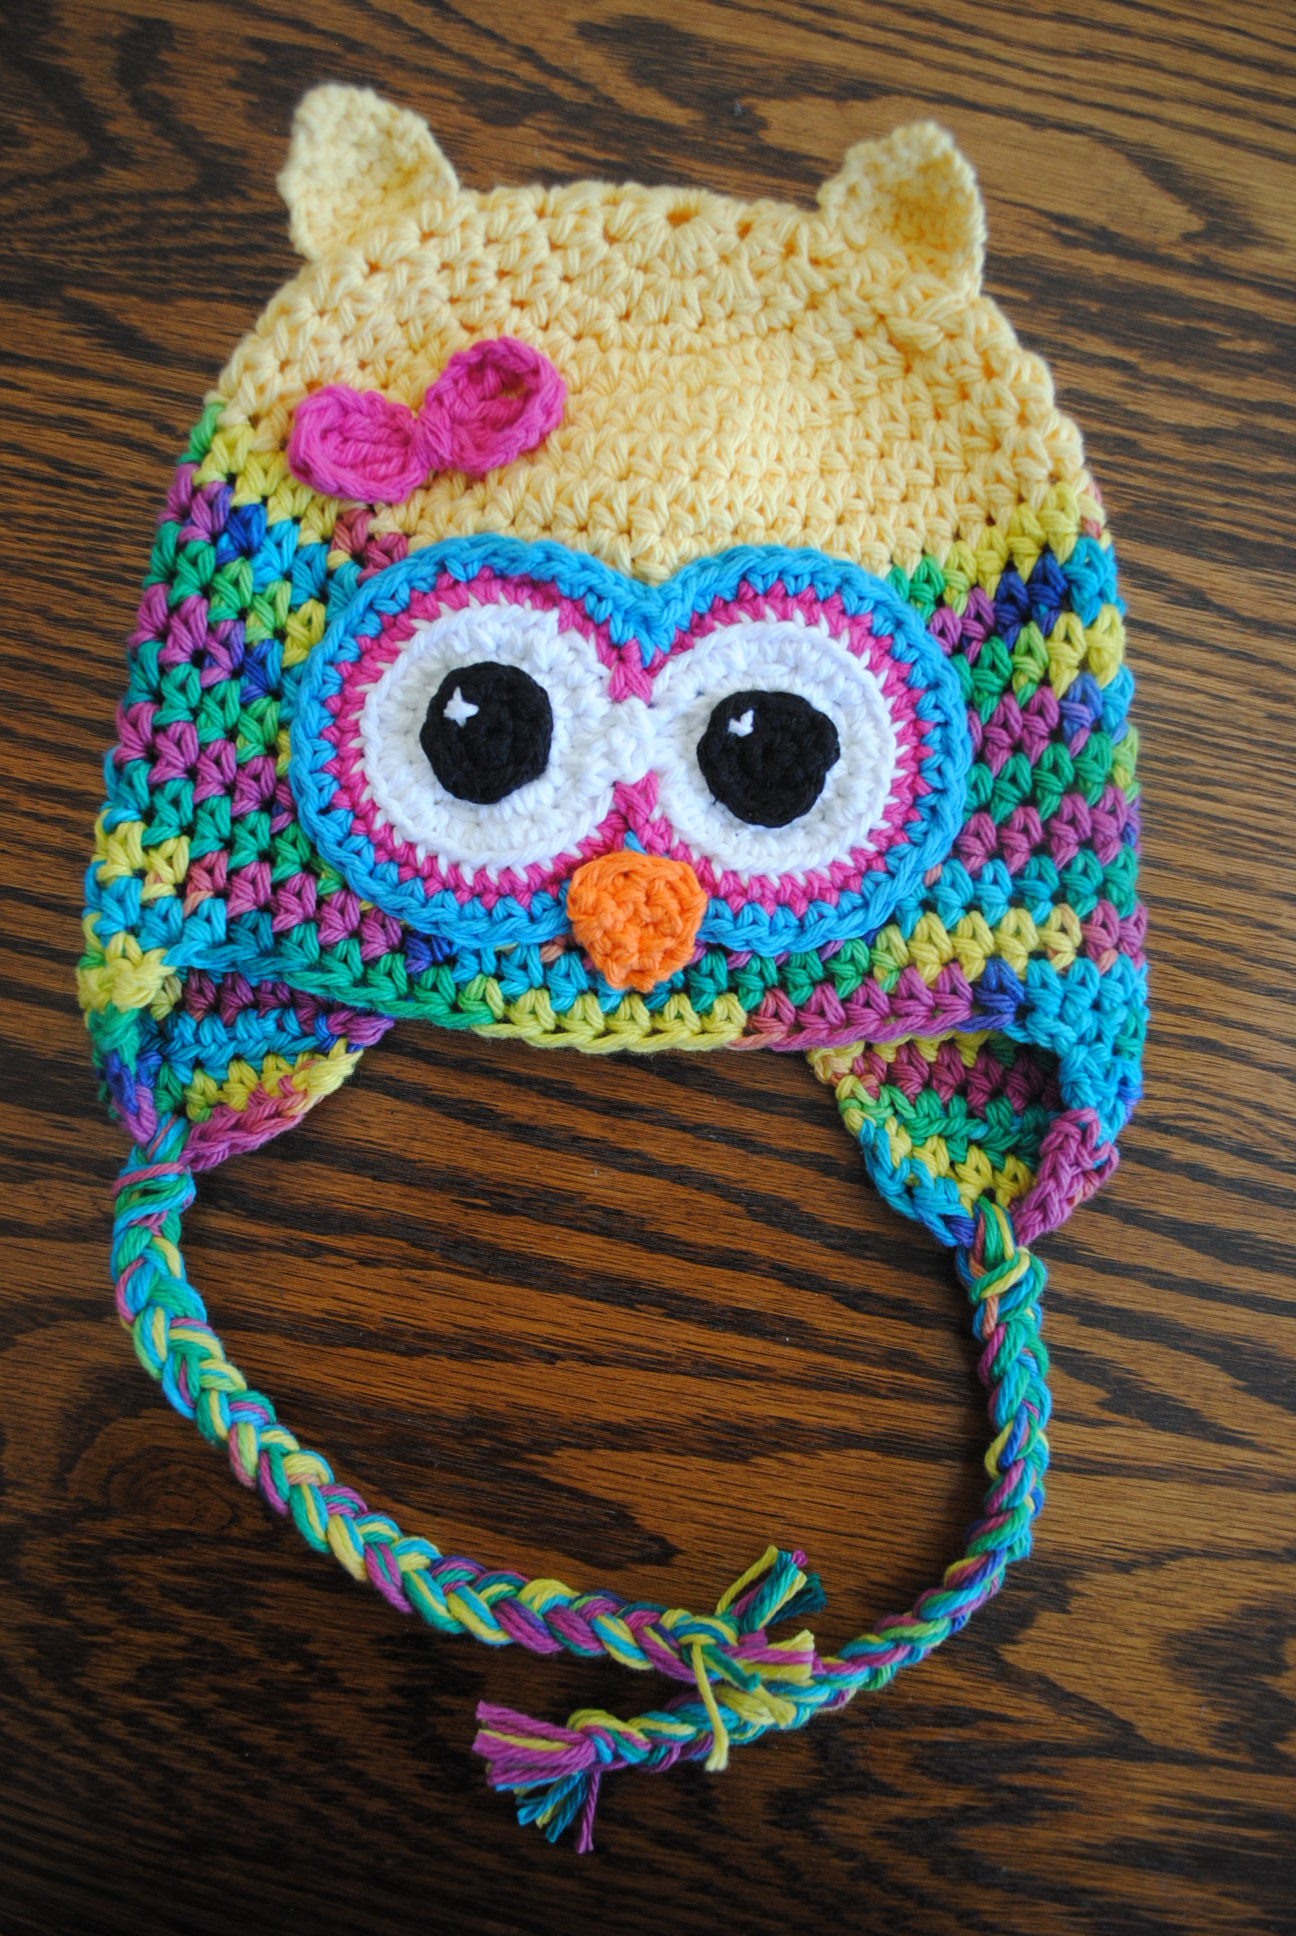 6 Knit Owl Hat Patterns - The Funky Stitch